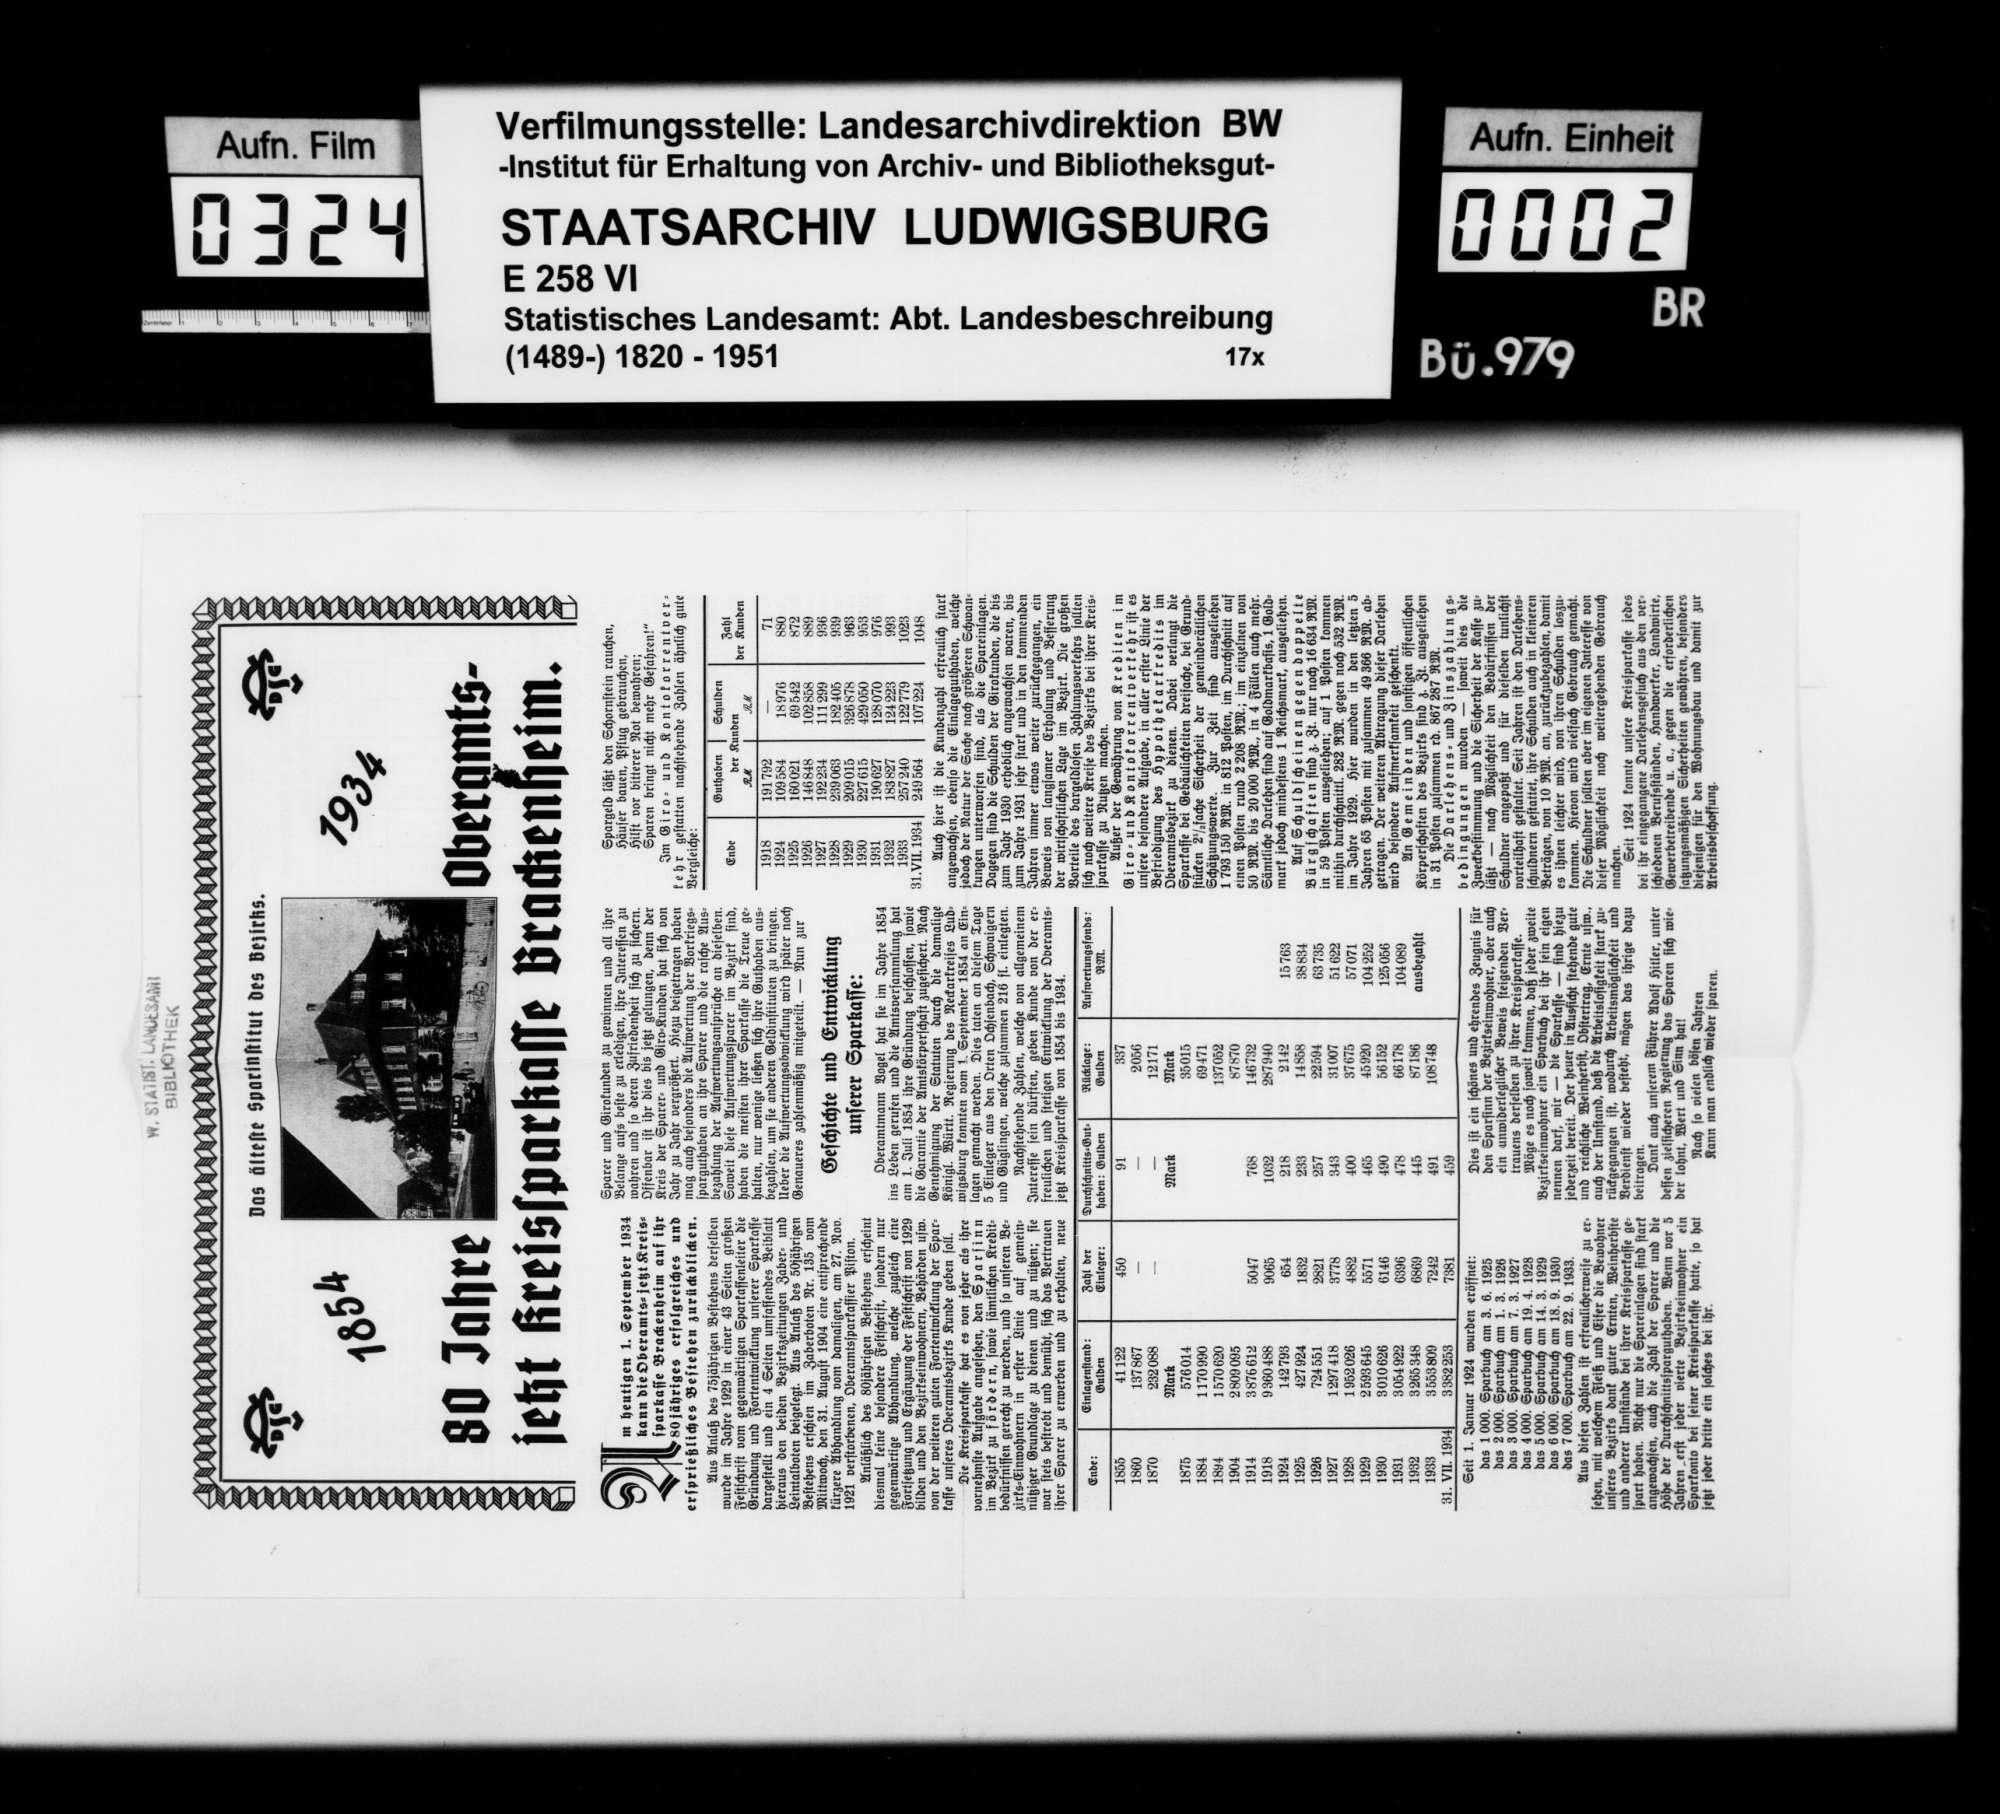 Sammlung gedruckten Materials für eine Neubearbeitung der OAB, Bild 1